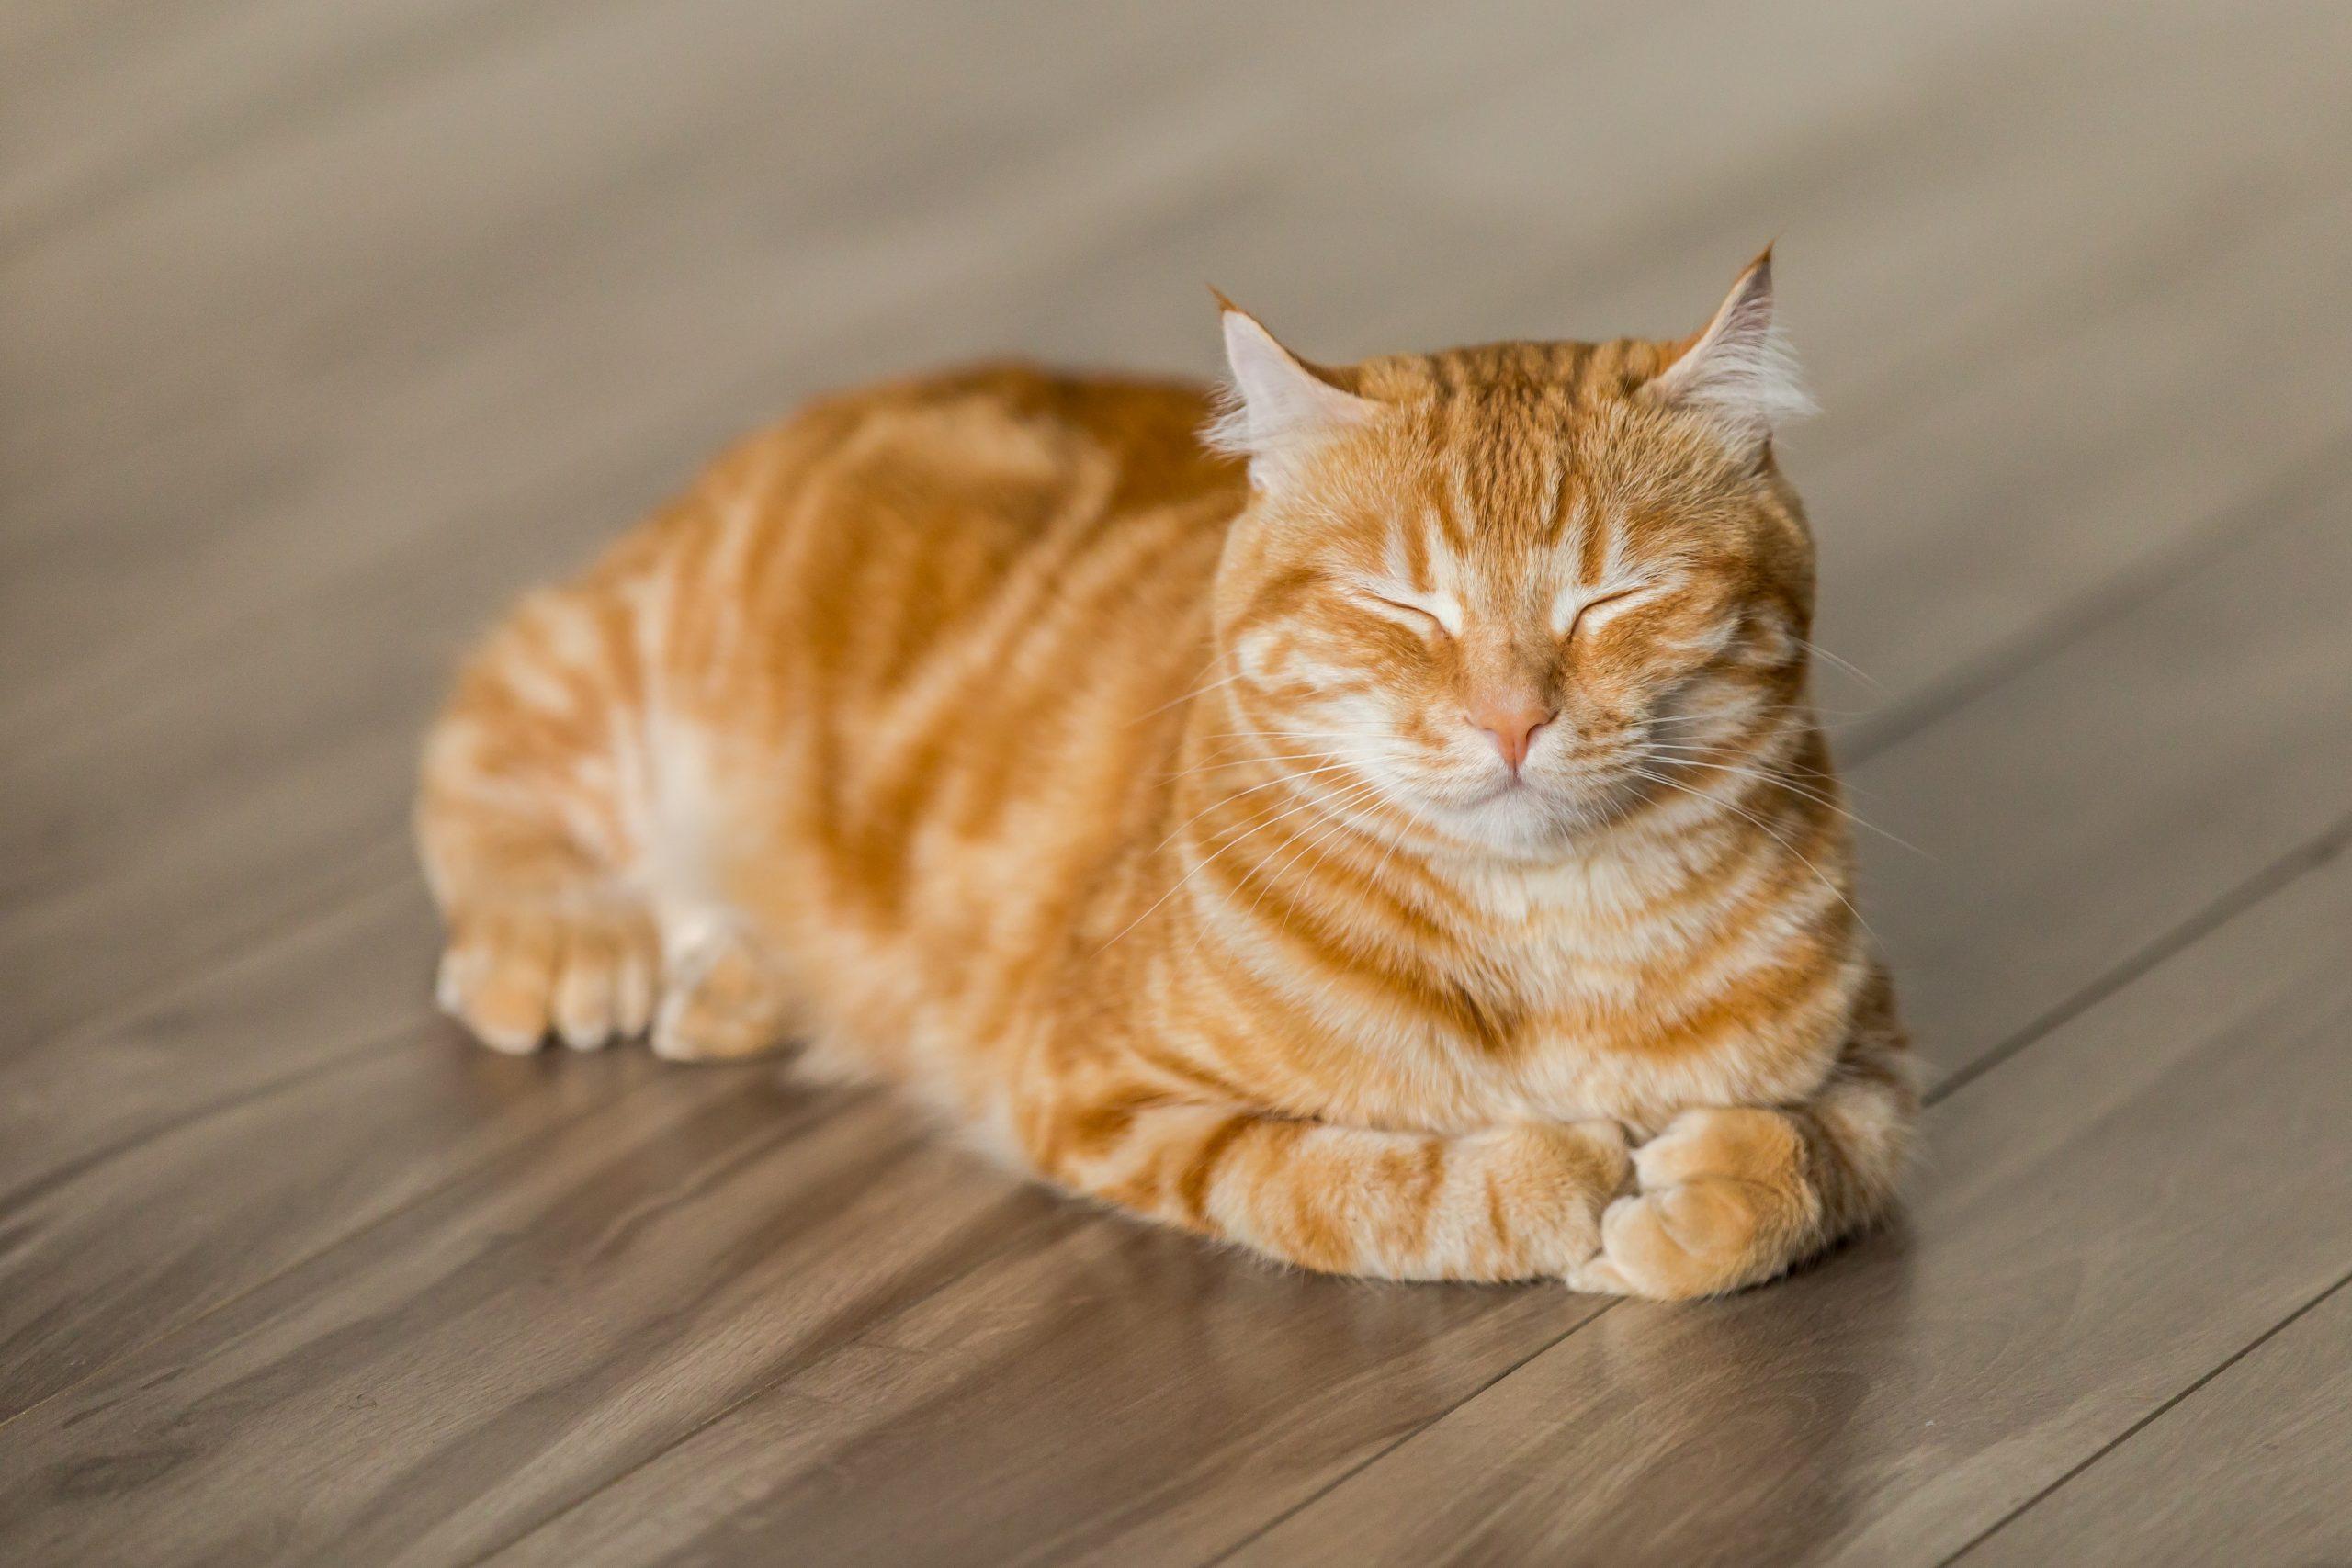 Tabby Cat on Floor